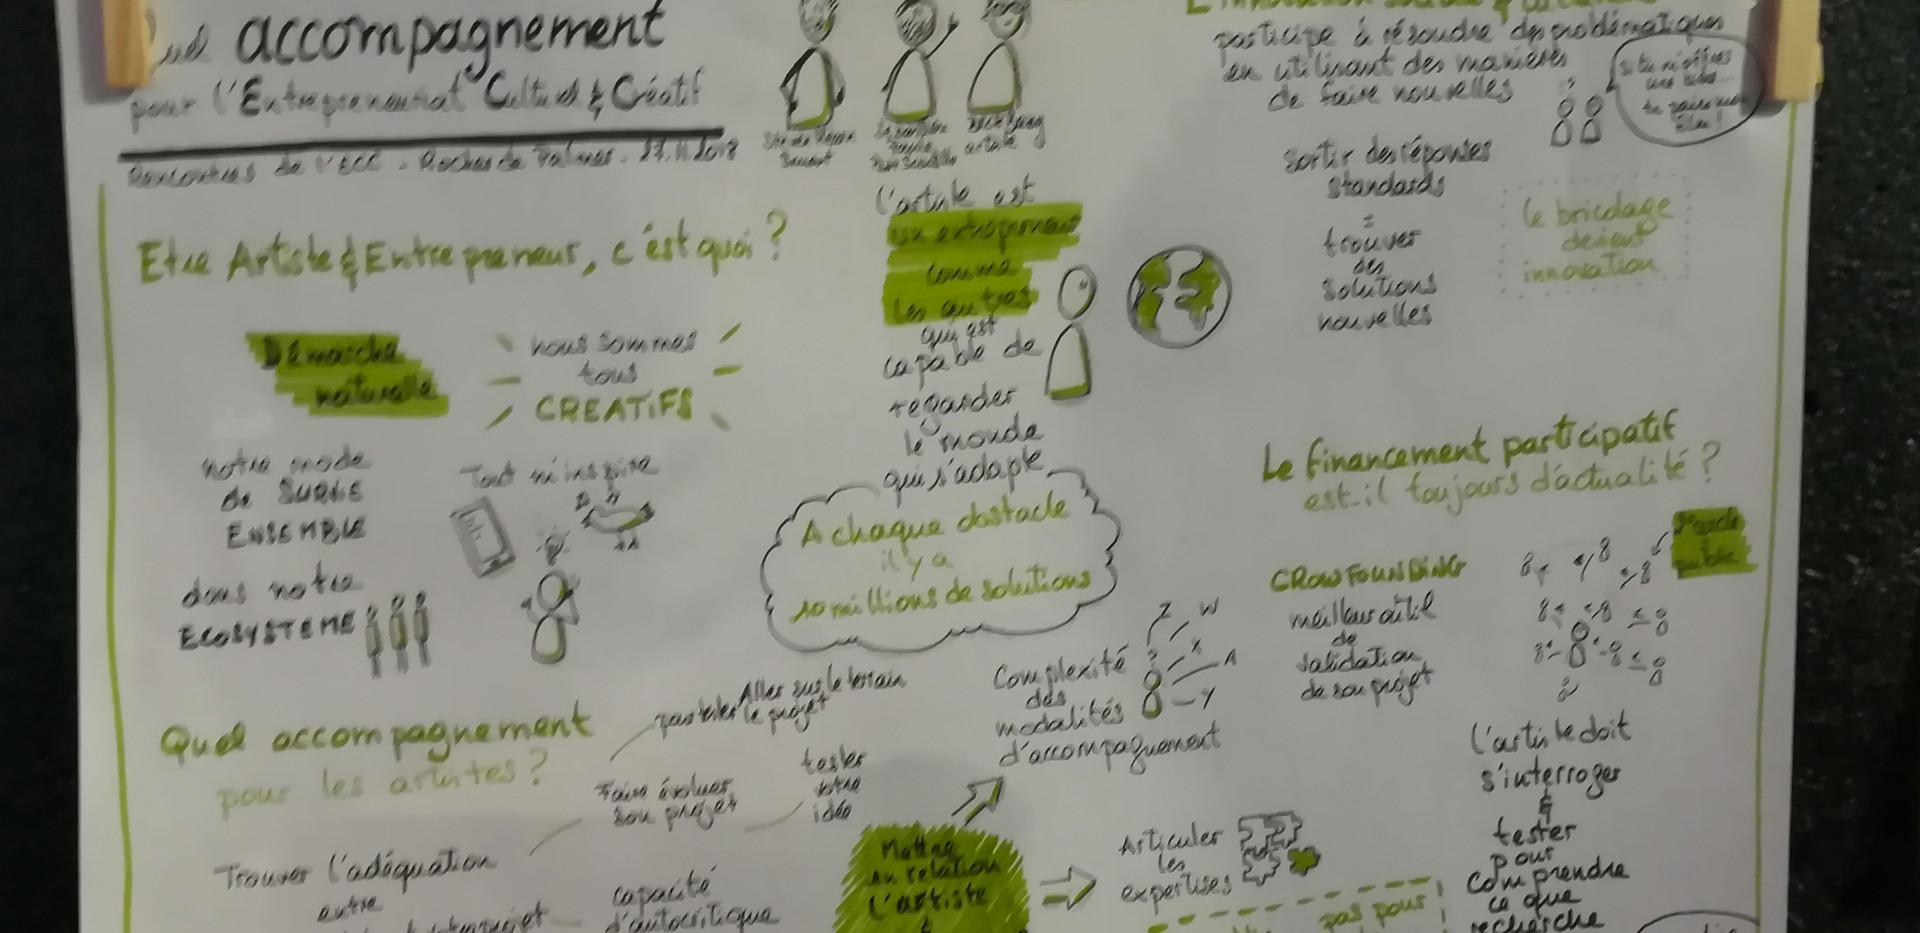 Sketchnote en live d'une conférence